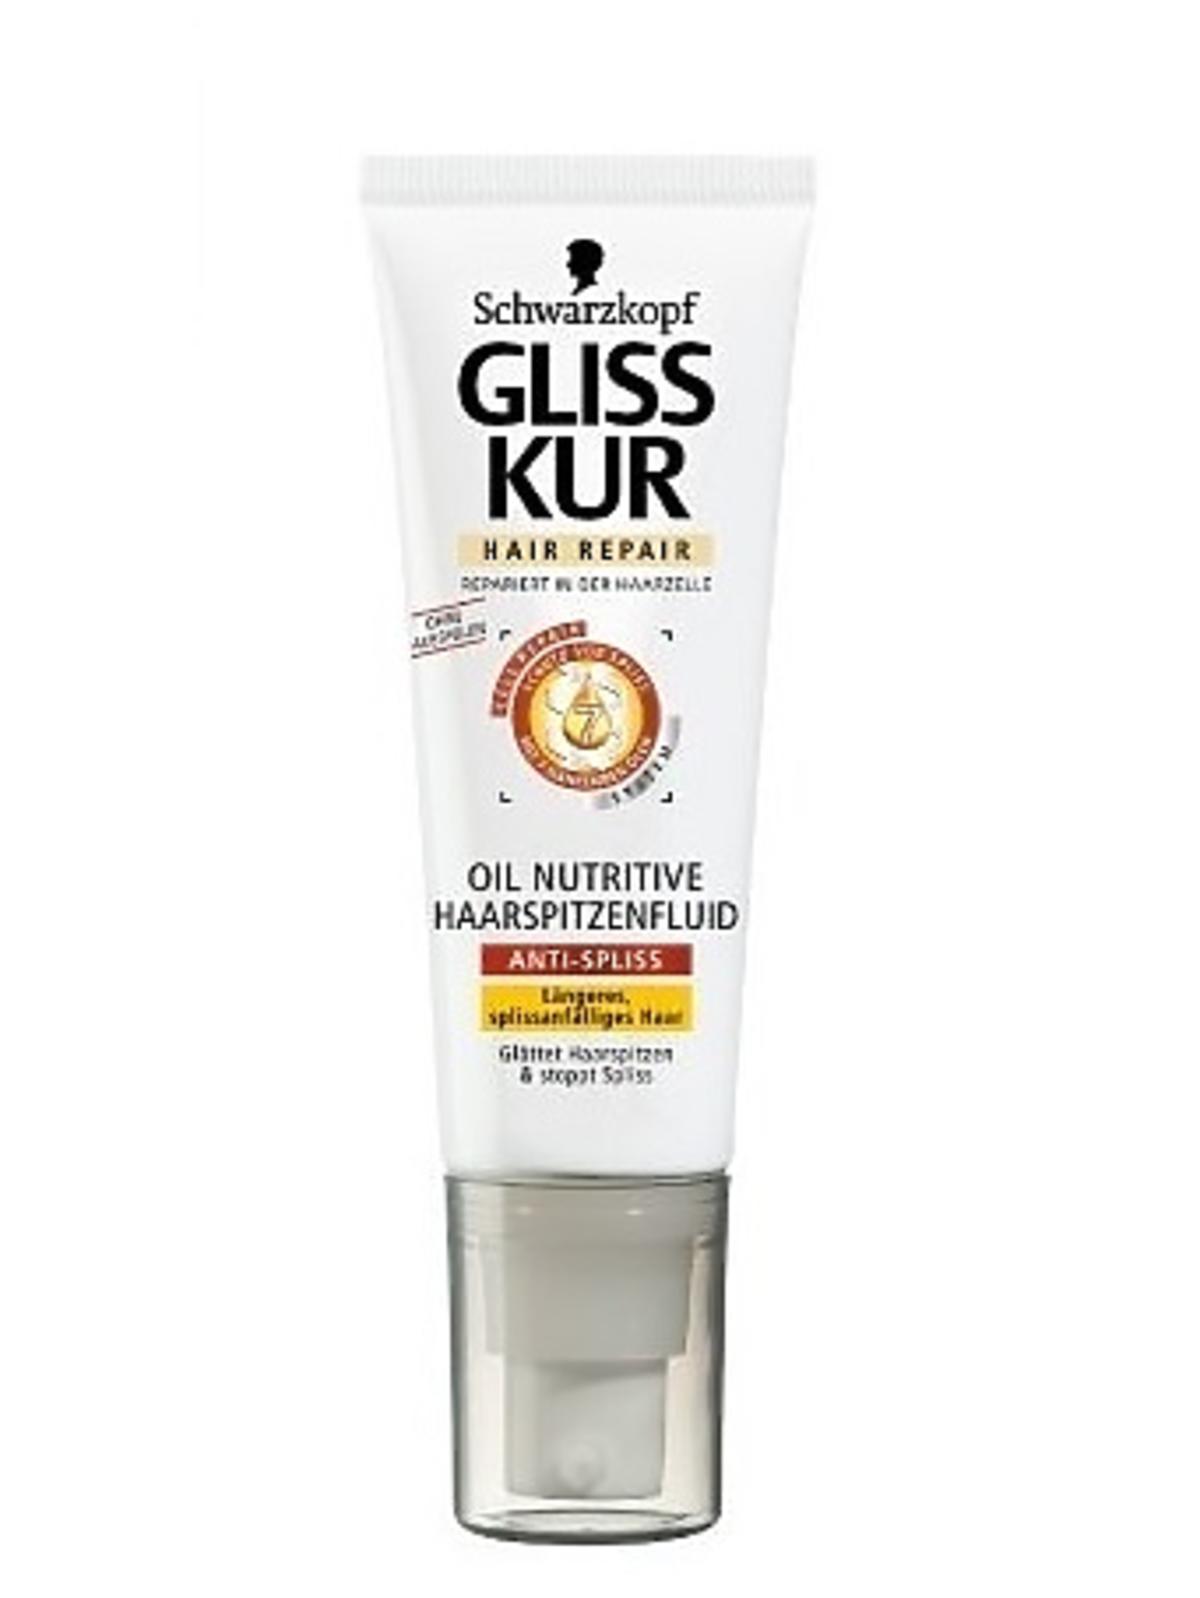 Schwarzkopf Gliss Kur, Oil Nutritive, Fluid na końcówki z siedmioma olejkami